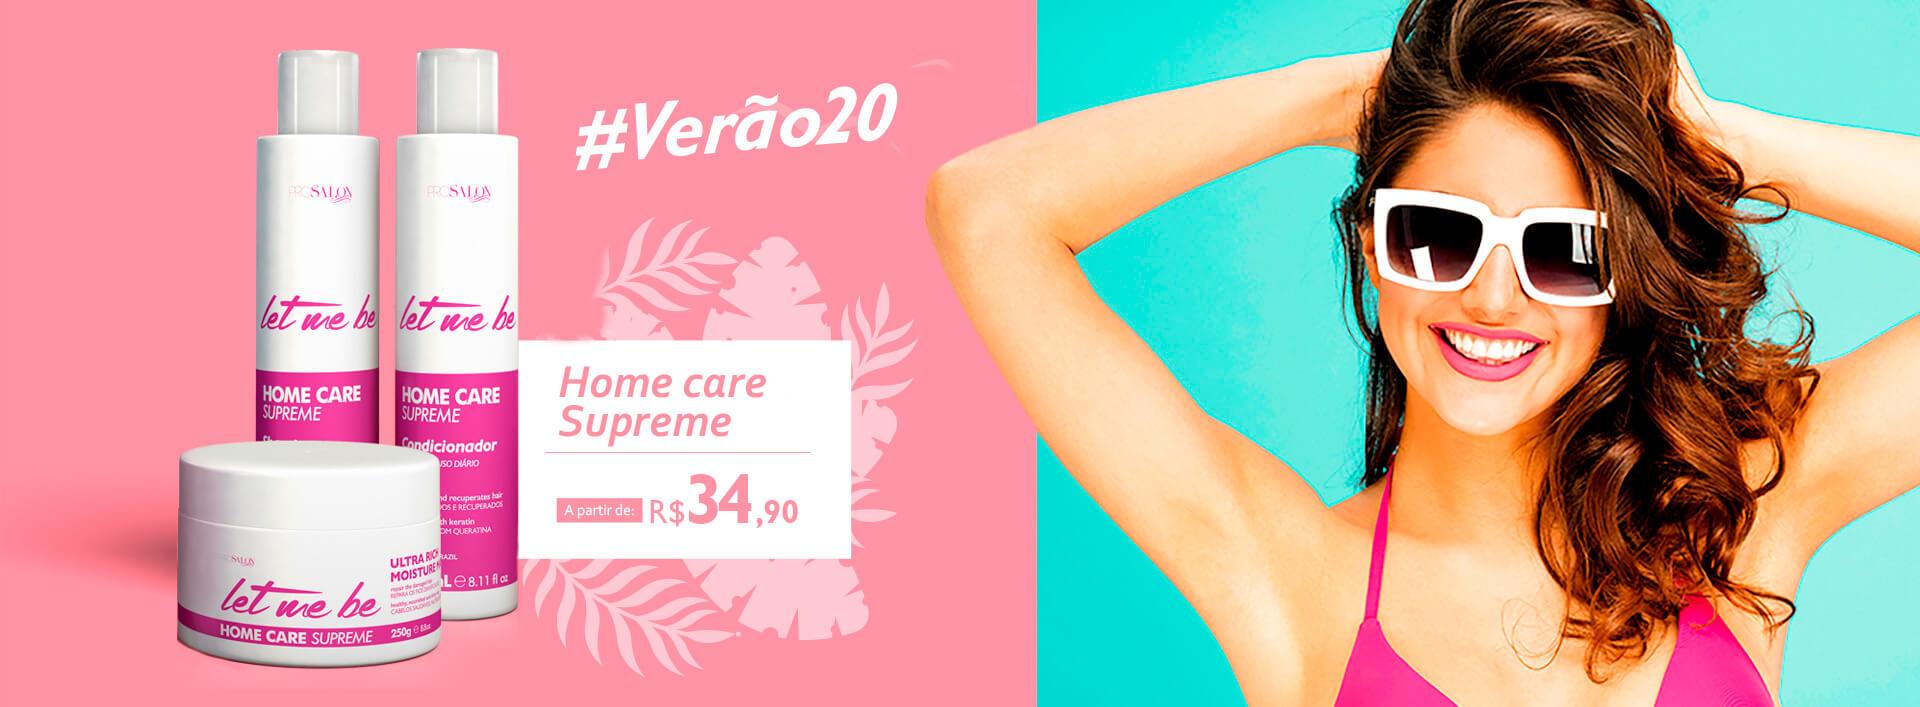 VERÃO - Home Care SUPREME